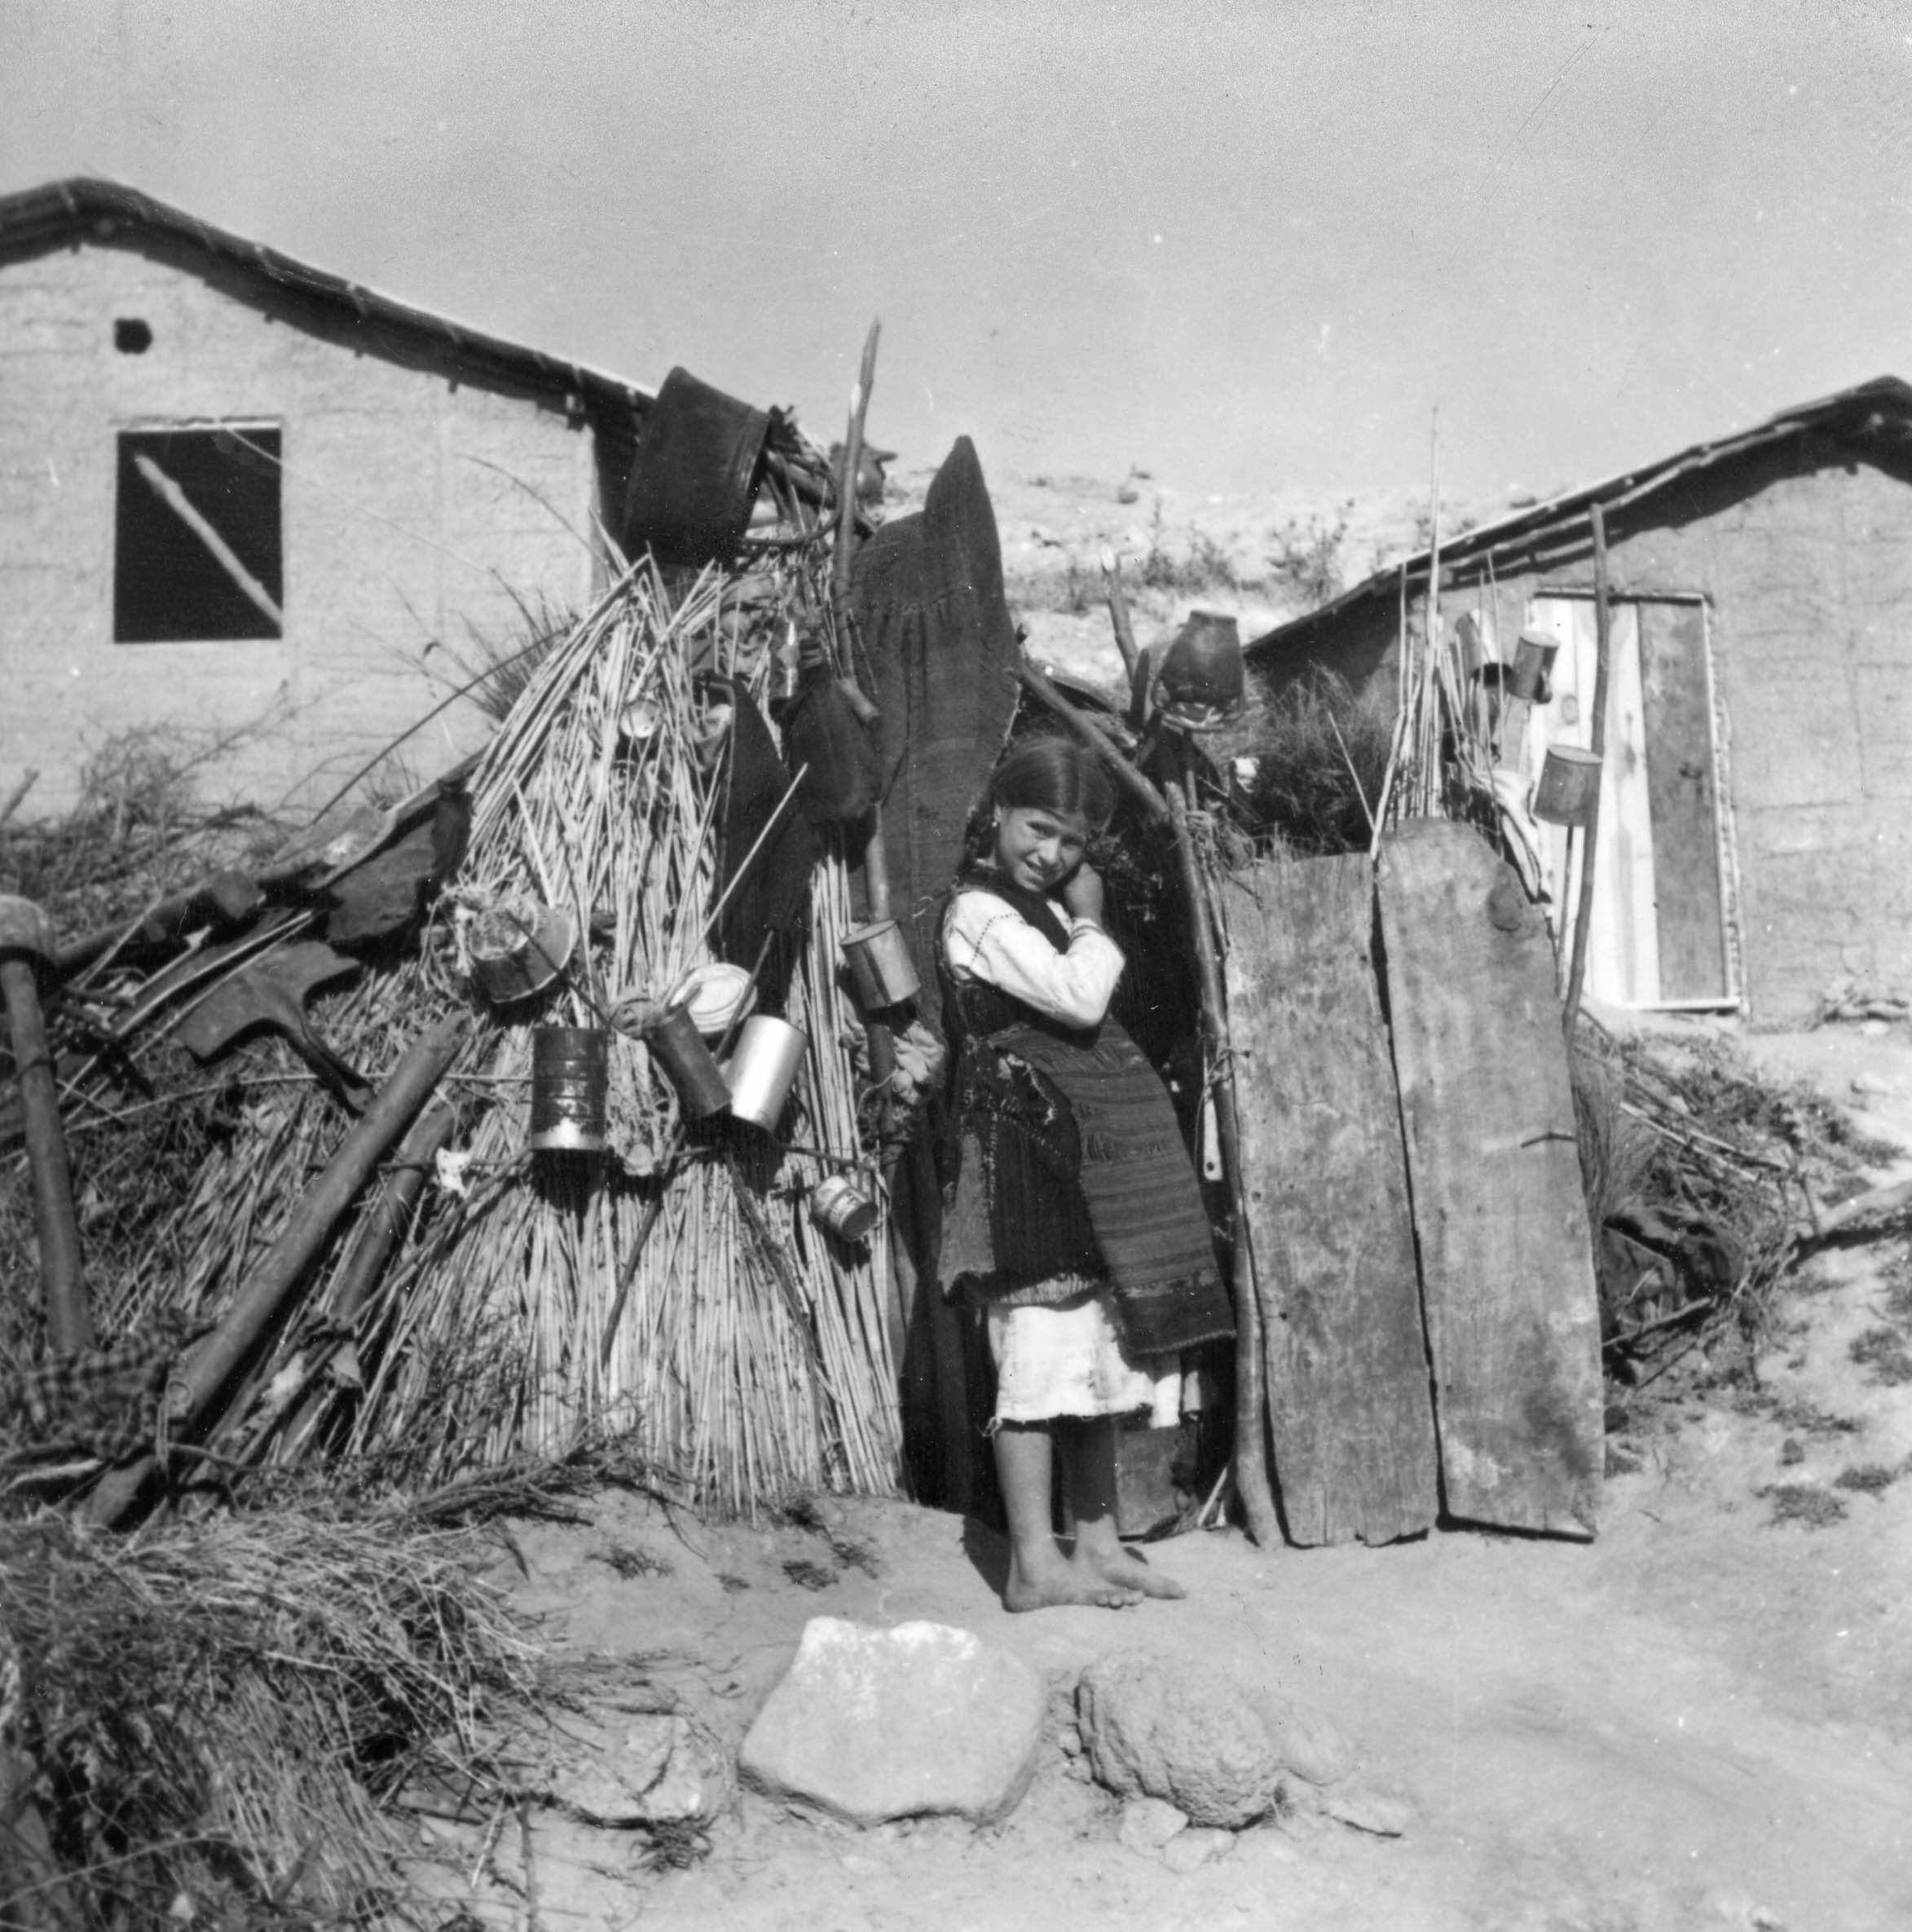 Tausende hausten so in Flüchtlingslagern. Hier in Griechenland (1948).